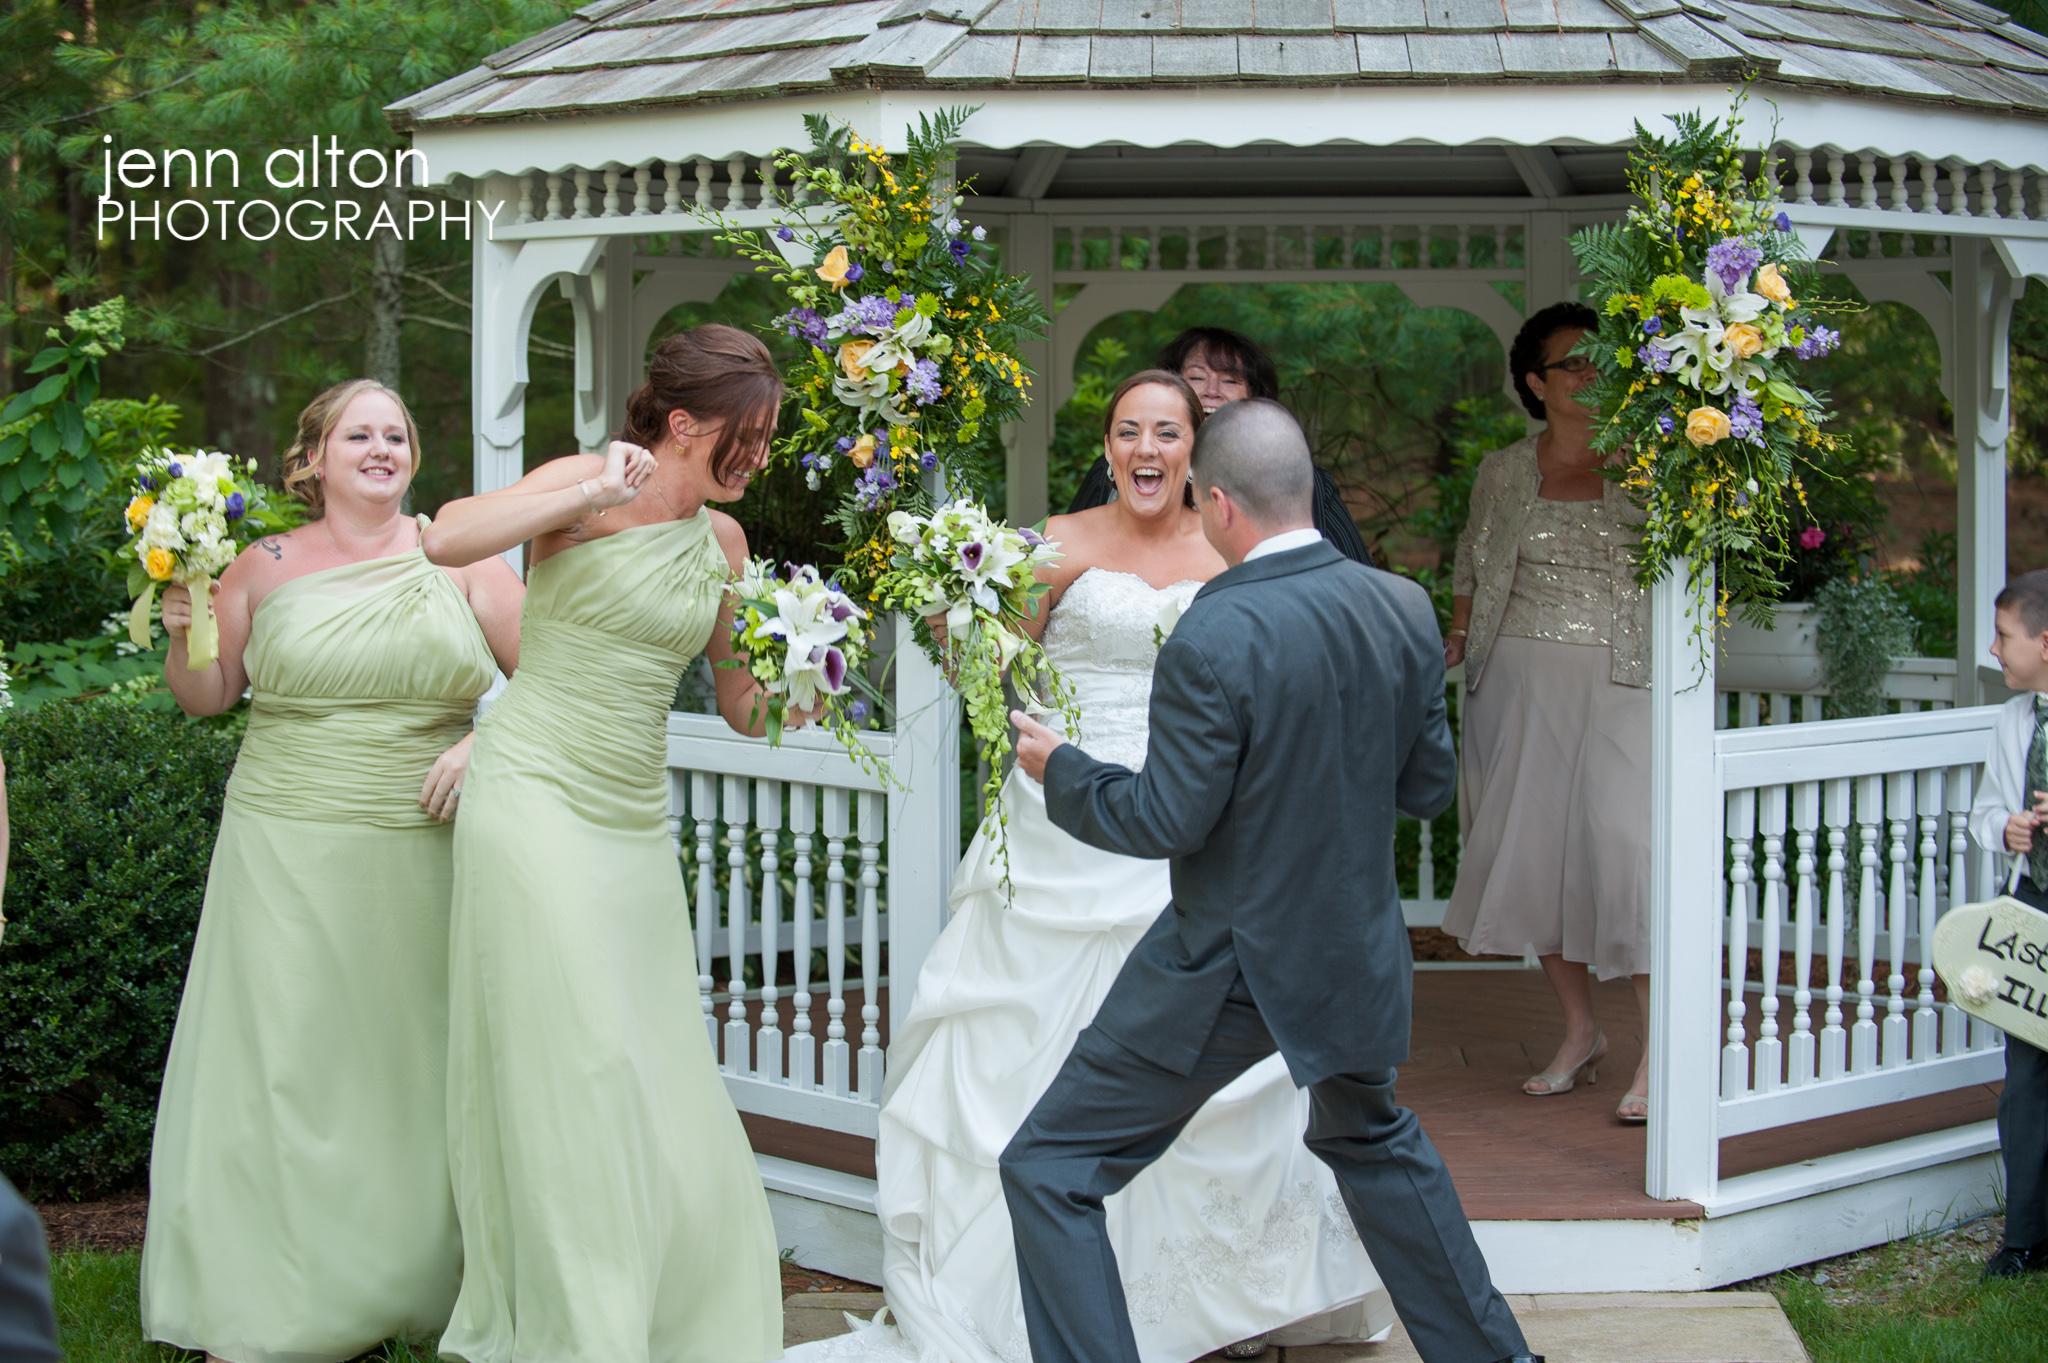 Harlem Shake Bridal party at Ceremony, Pinehills Golf Club Ceremony